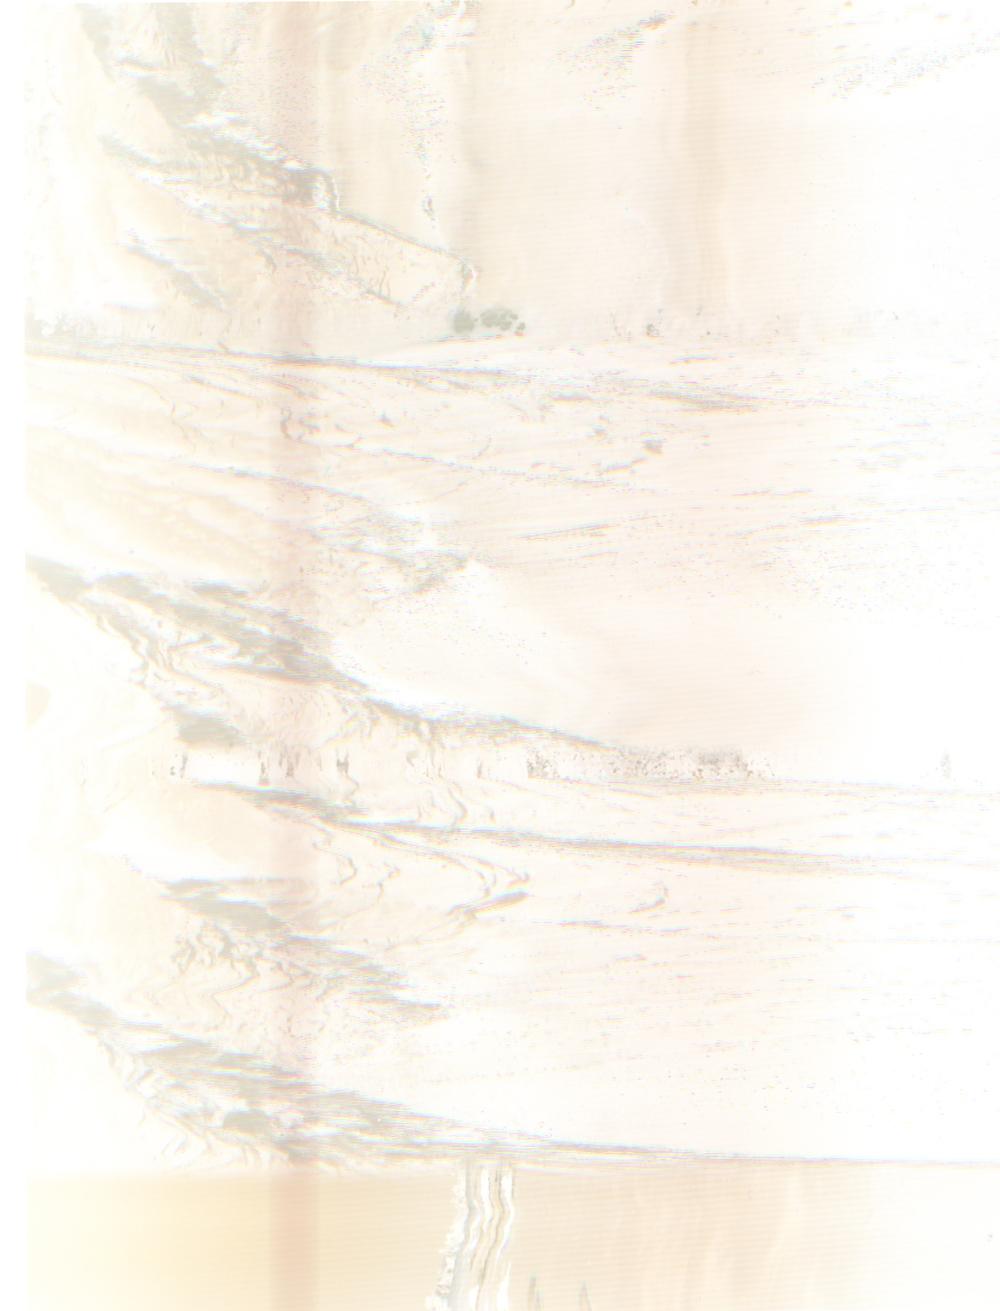 OCEANMOVIES-009.jpg